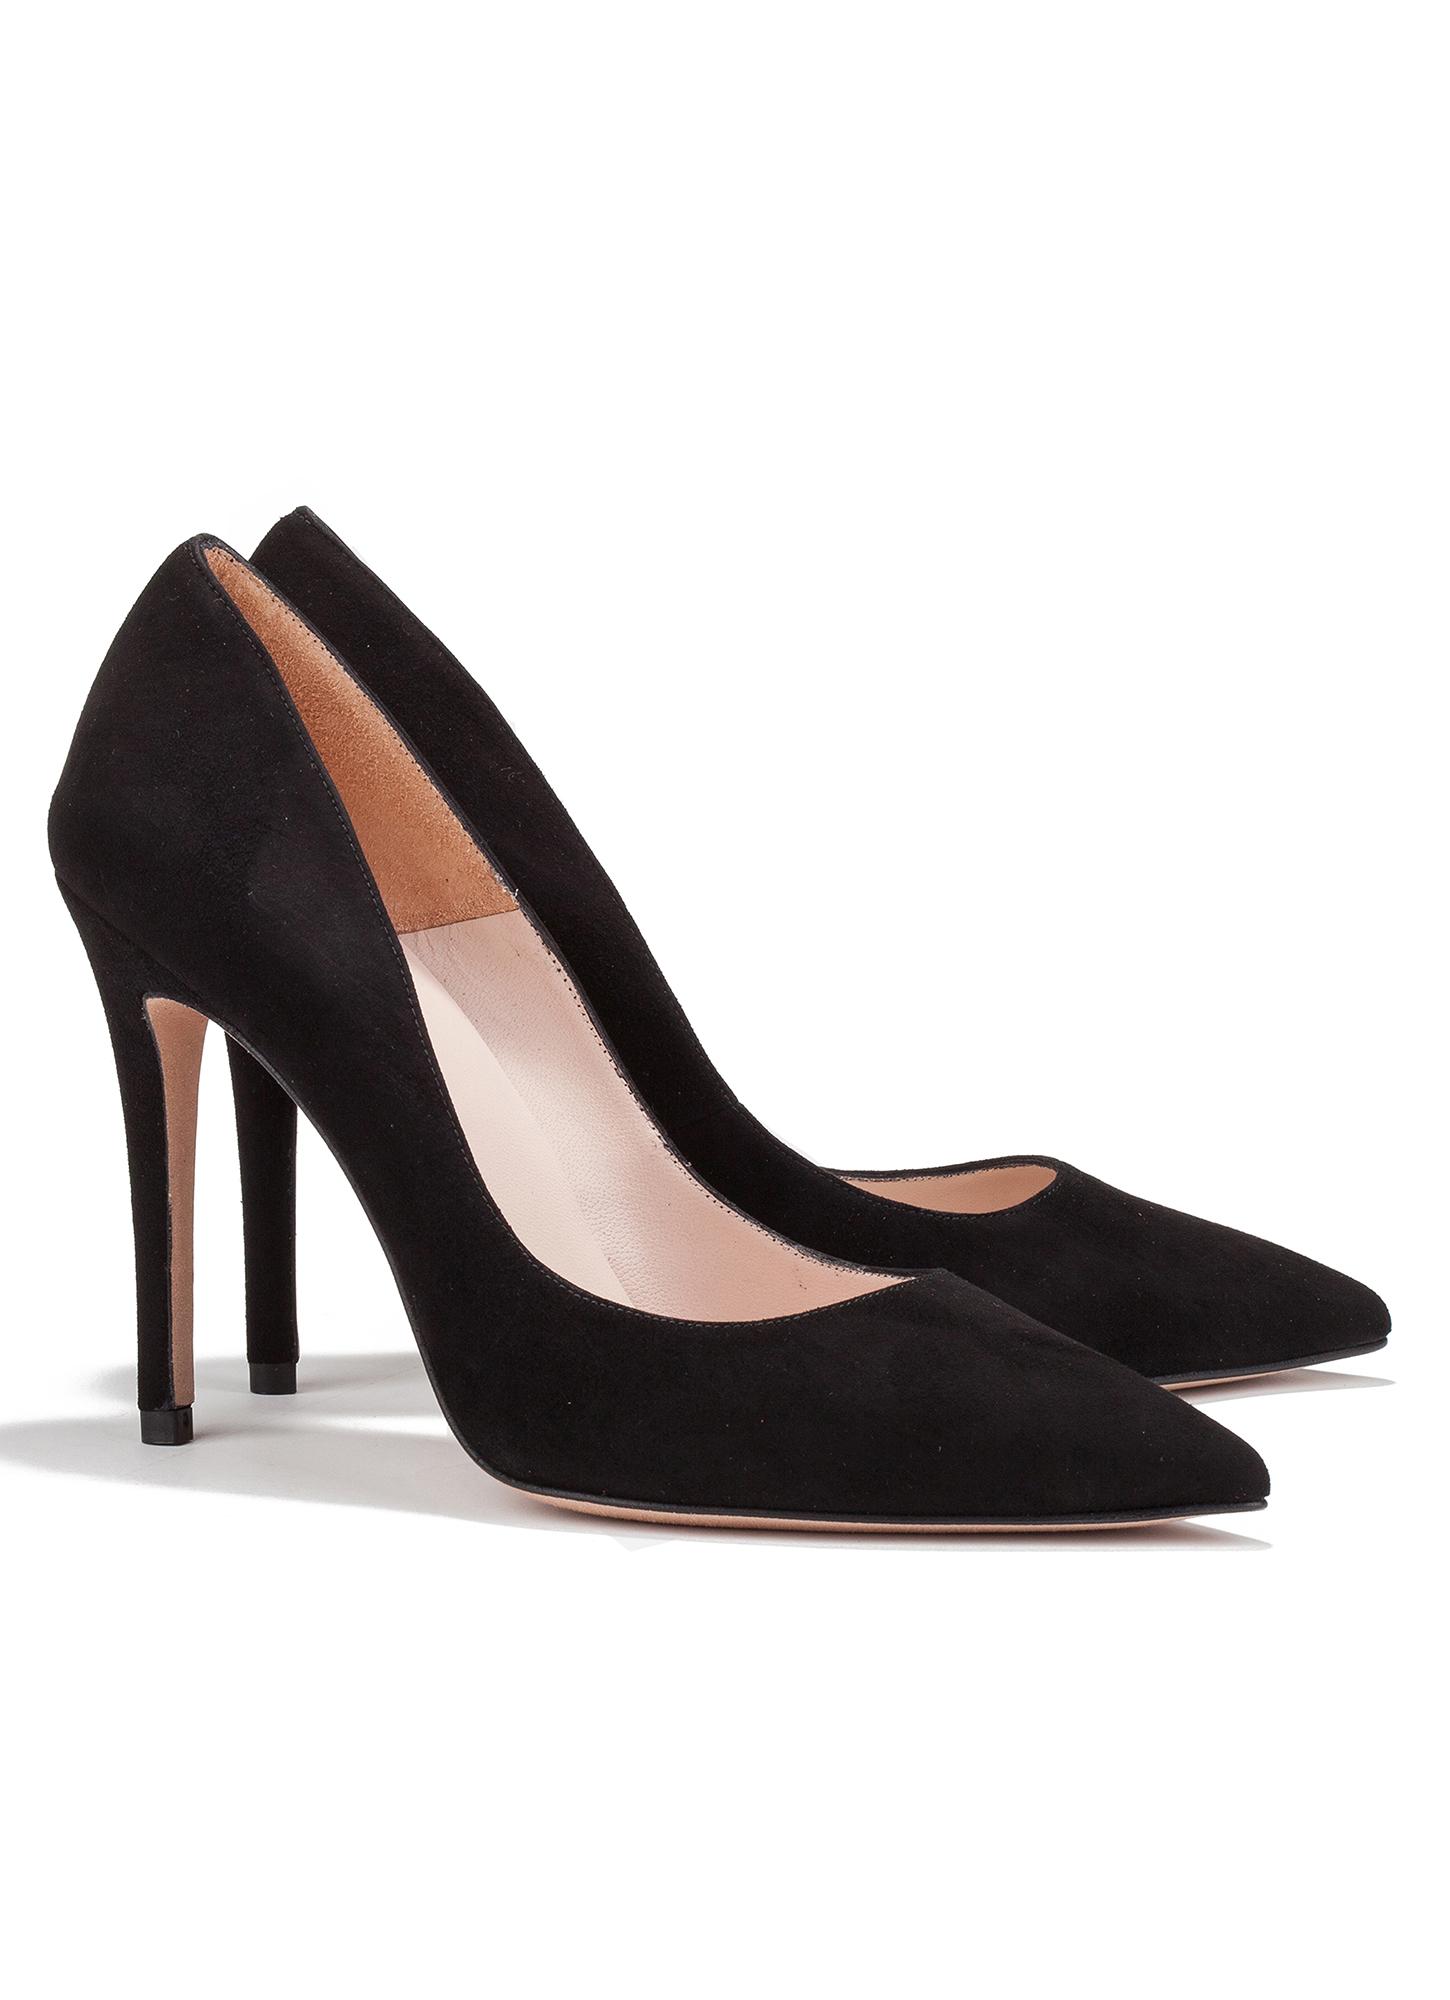 High heel pumps in black suede - online shoe store Pura ...